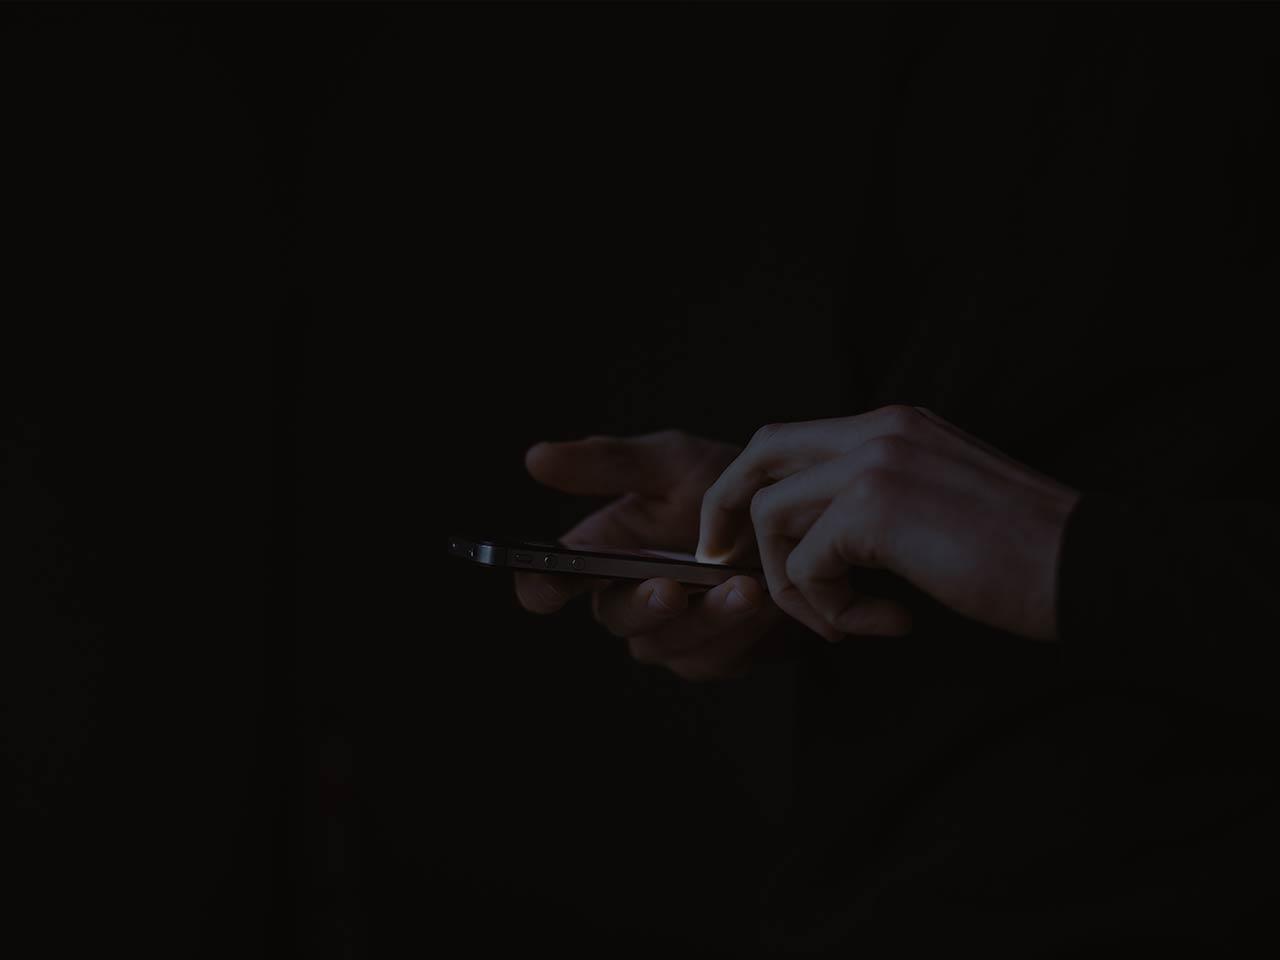 Bedienung eines Smartphones im dunkeln